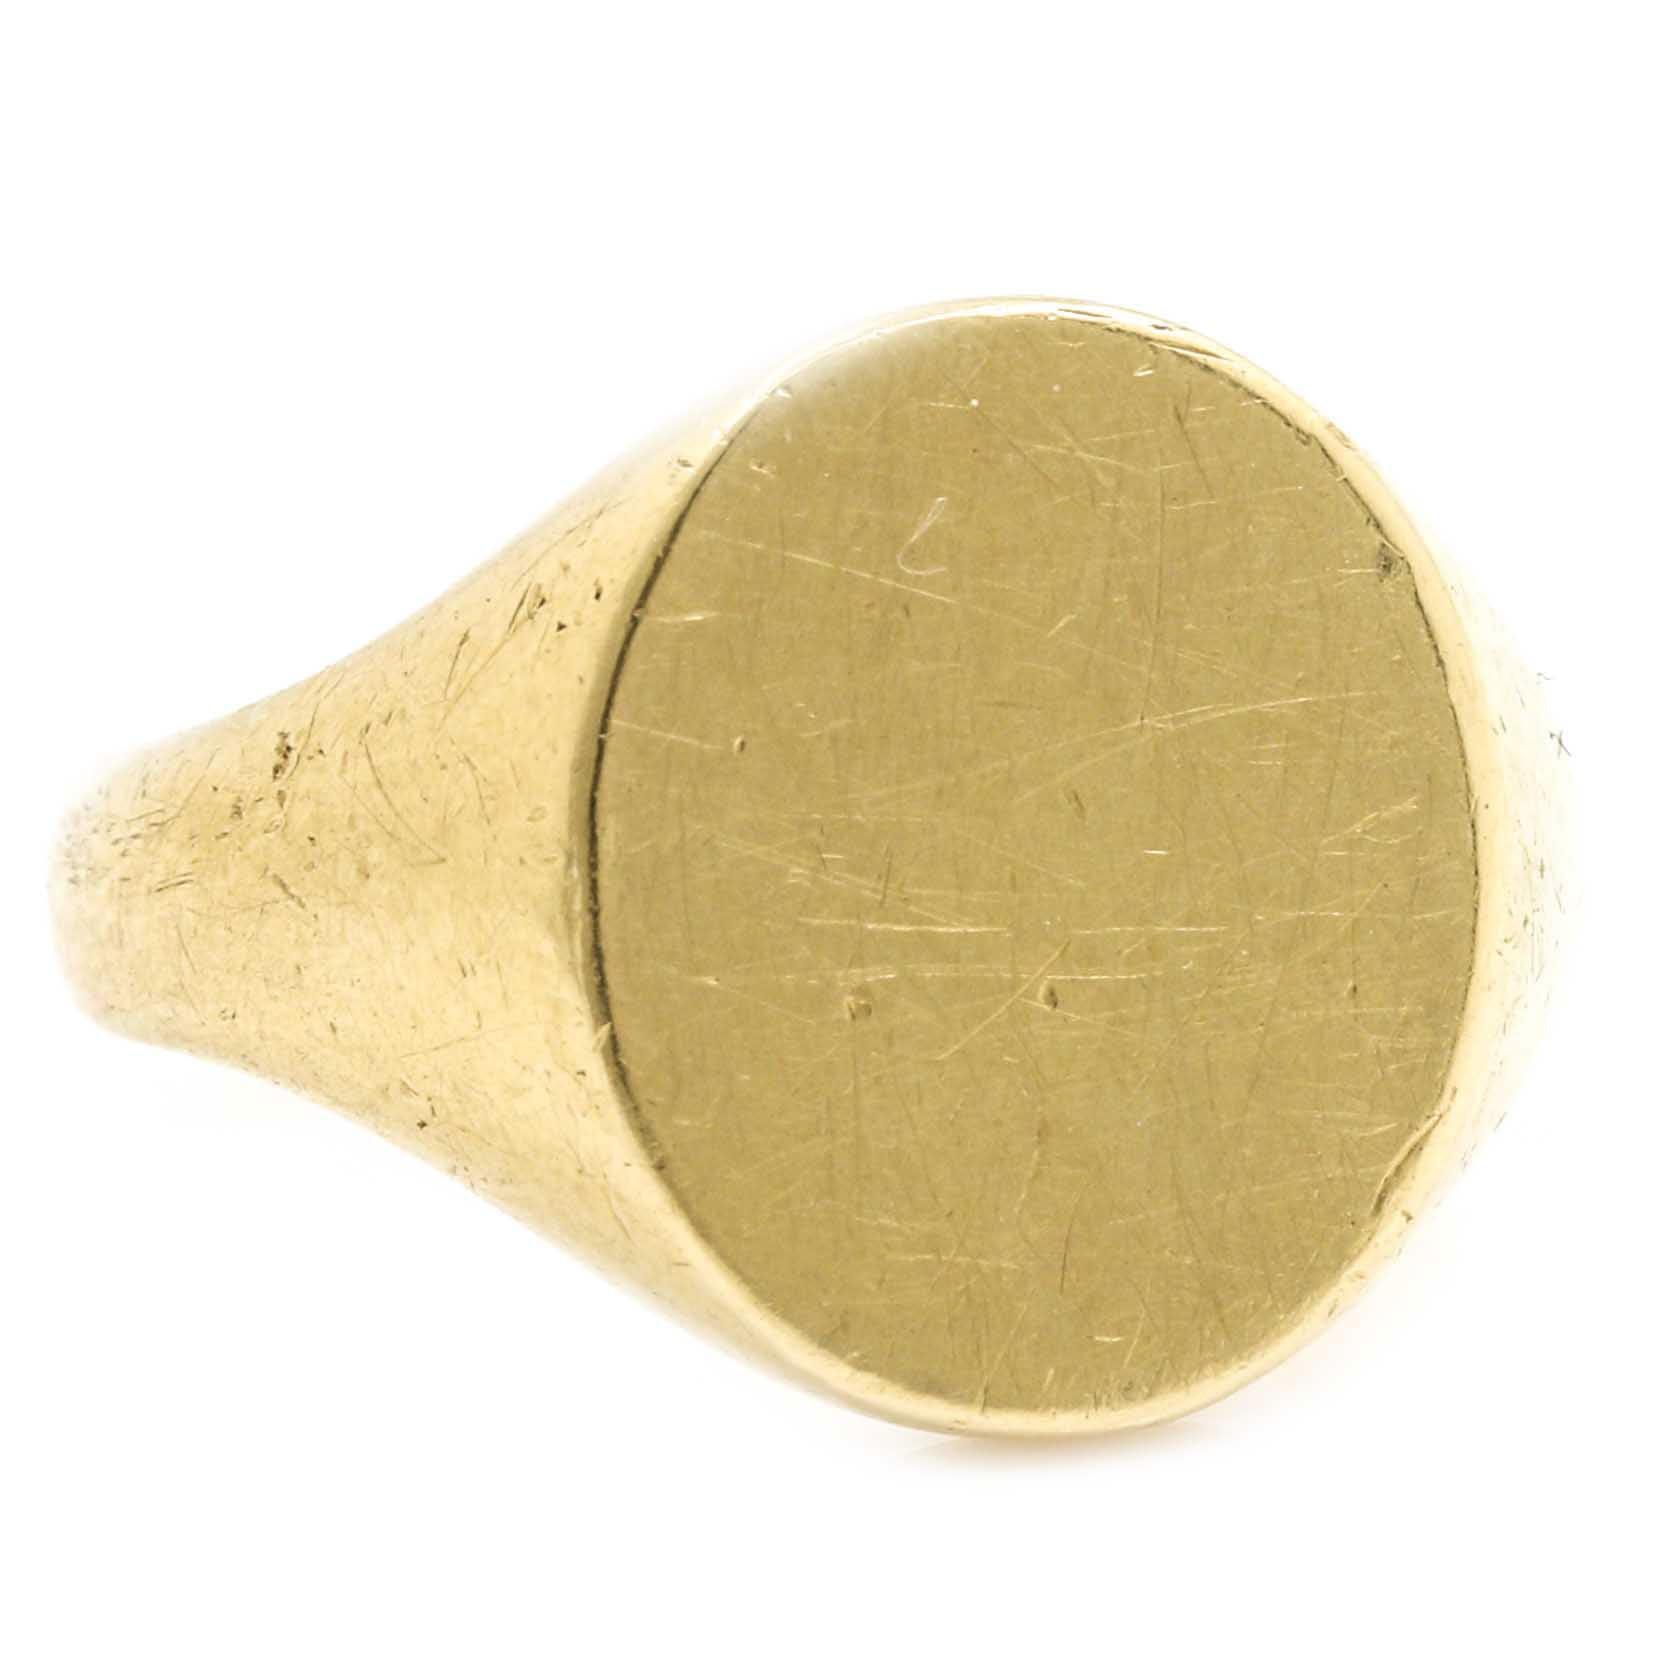 18K Yellow Gold Signet Ring